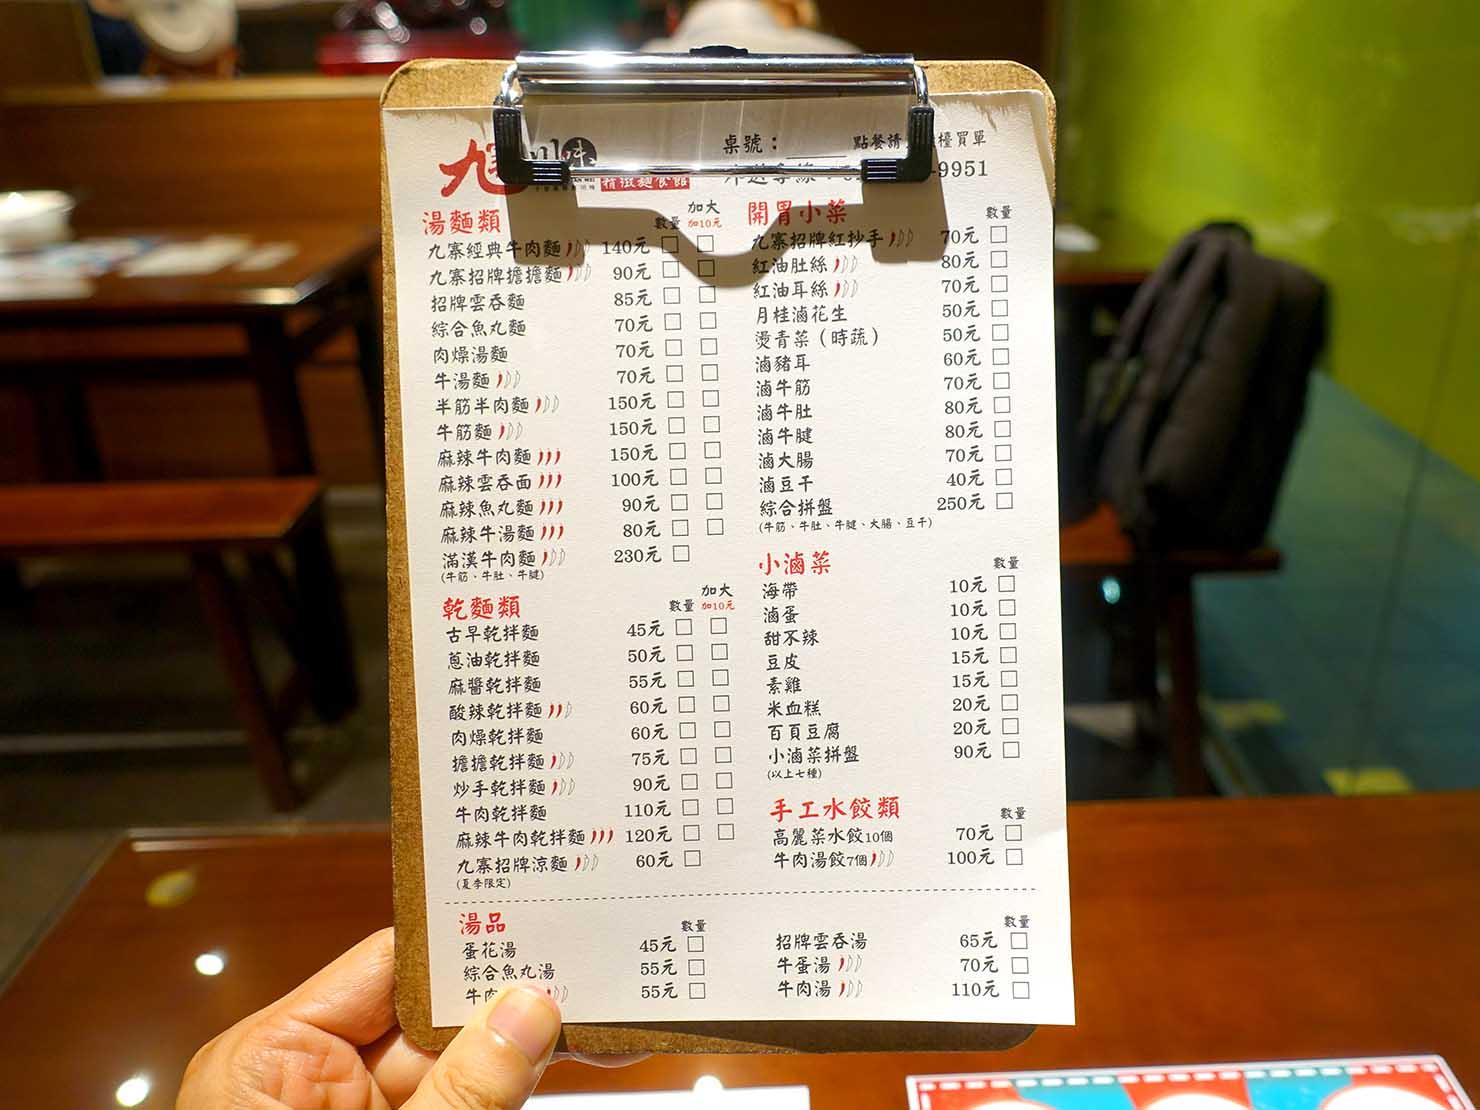 台北・善導寺のおすすめグルメ店「九寨川味精緻麵食館」のメニュー